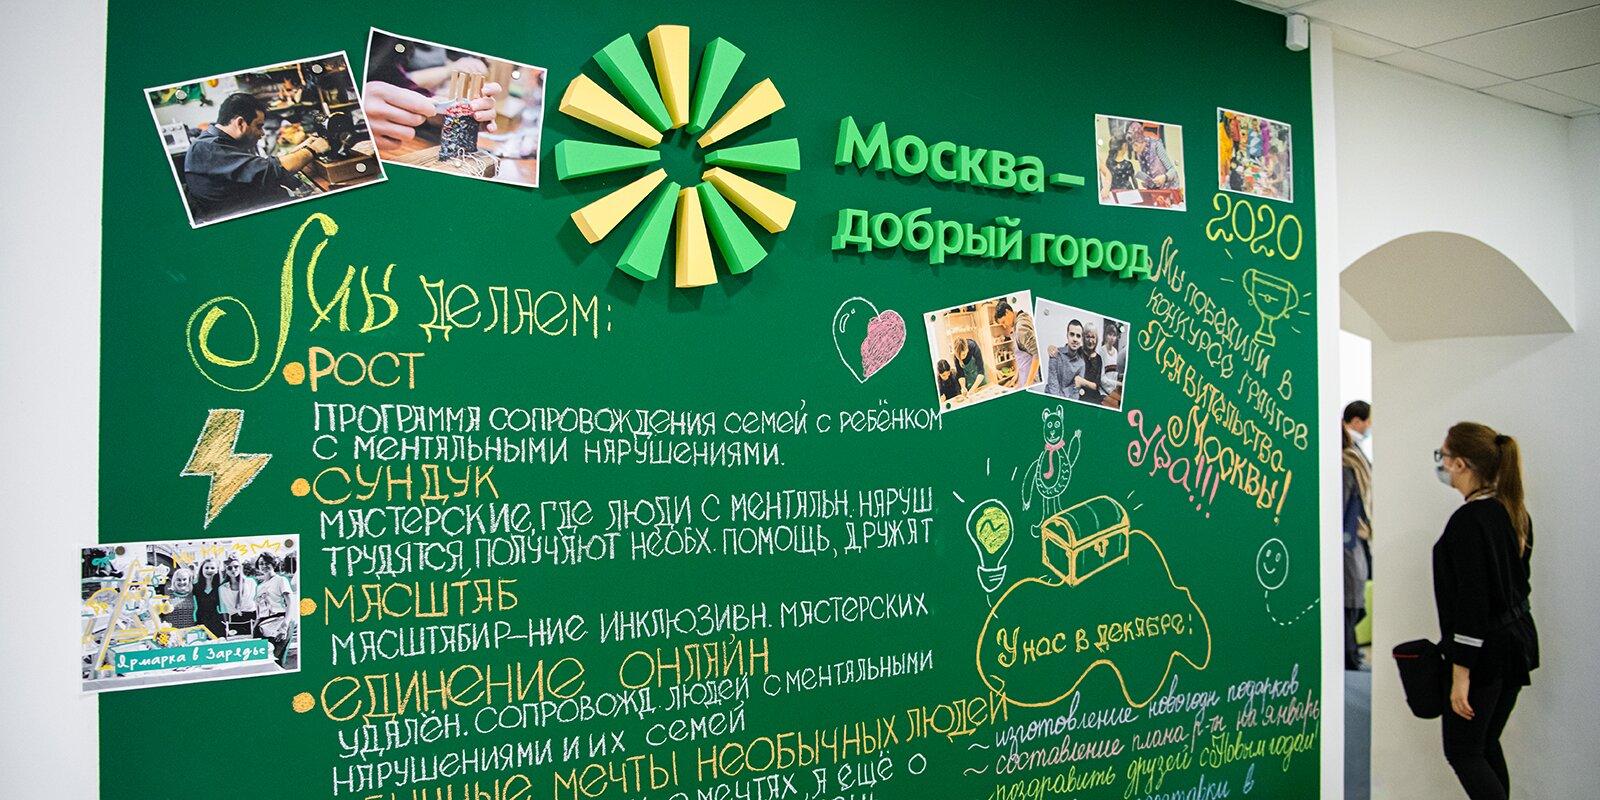 Фото М. Мишина. Пресс-служба Мэра и Правительства Москвы